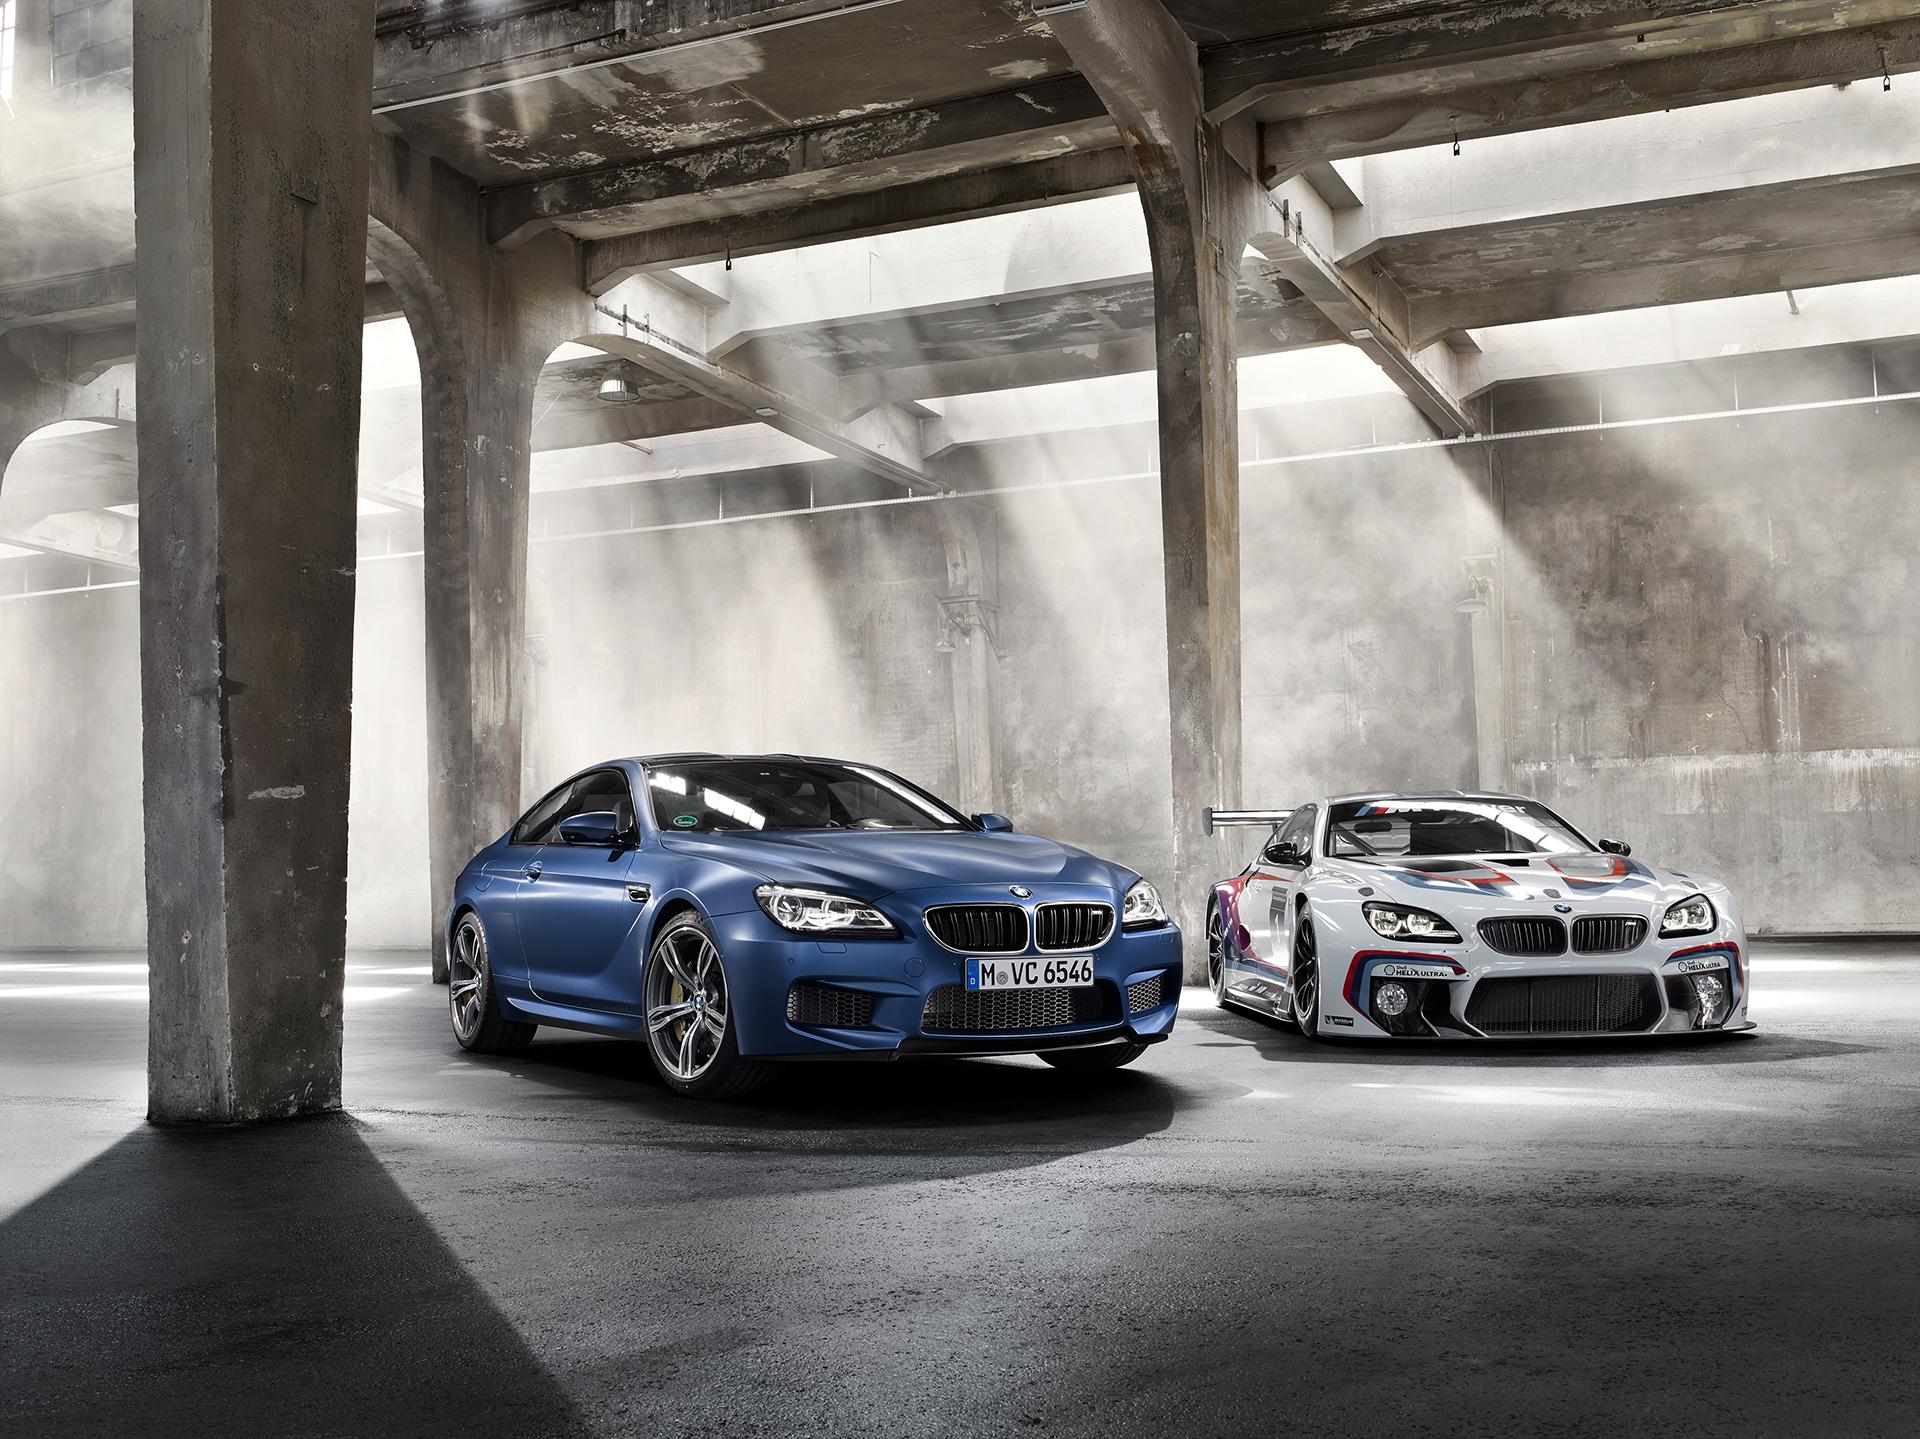 BMW M6 GT3 - 2016 - front / avant - 2015 BMW M6